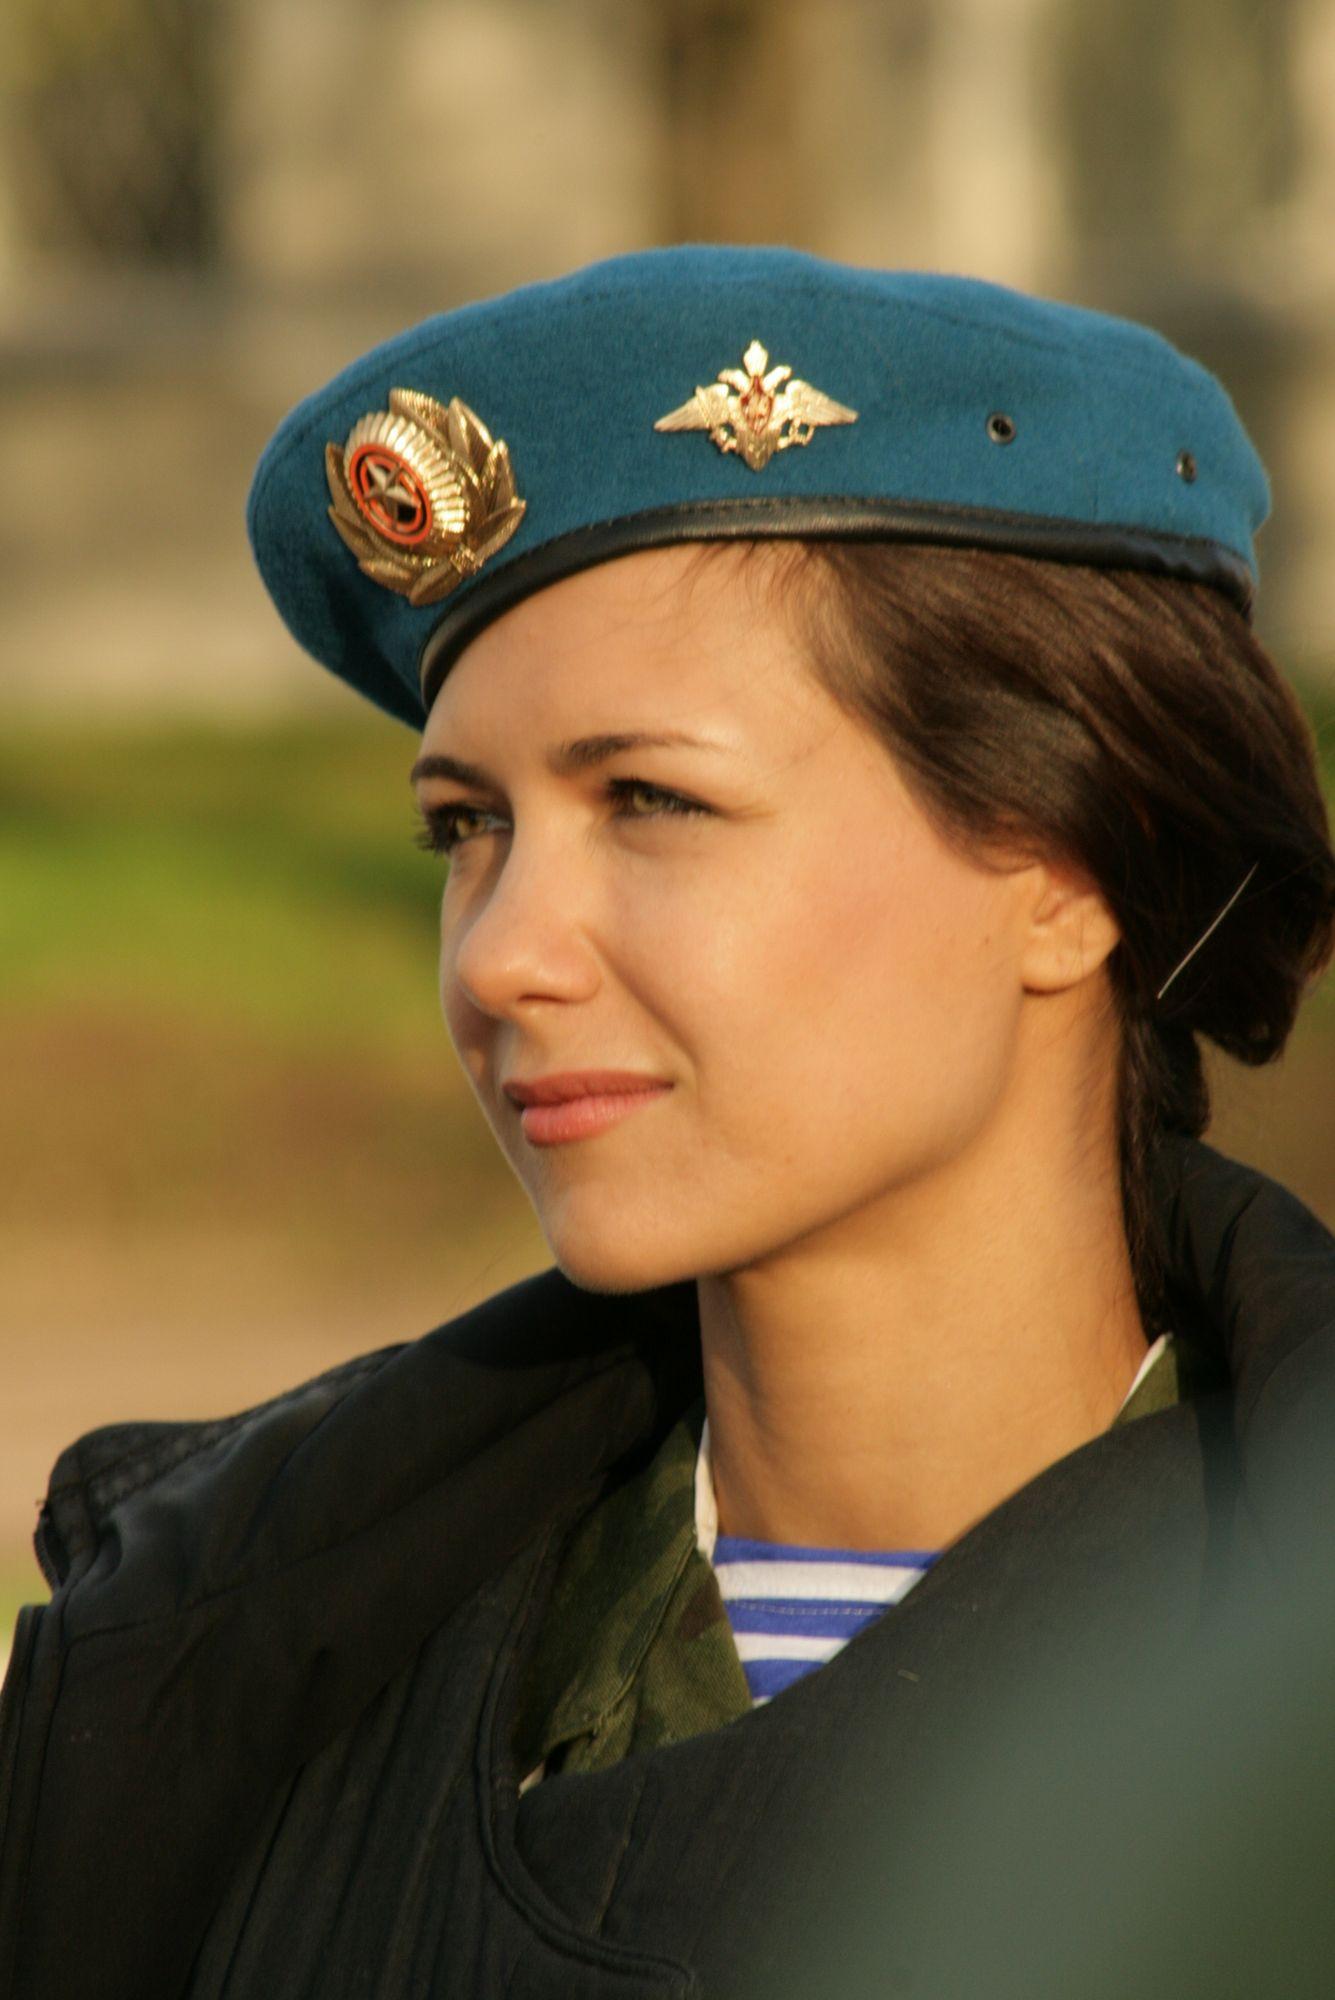 Екатерина Климова - Фото анджелина джоли фильмография